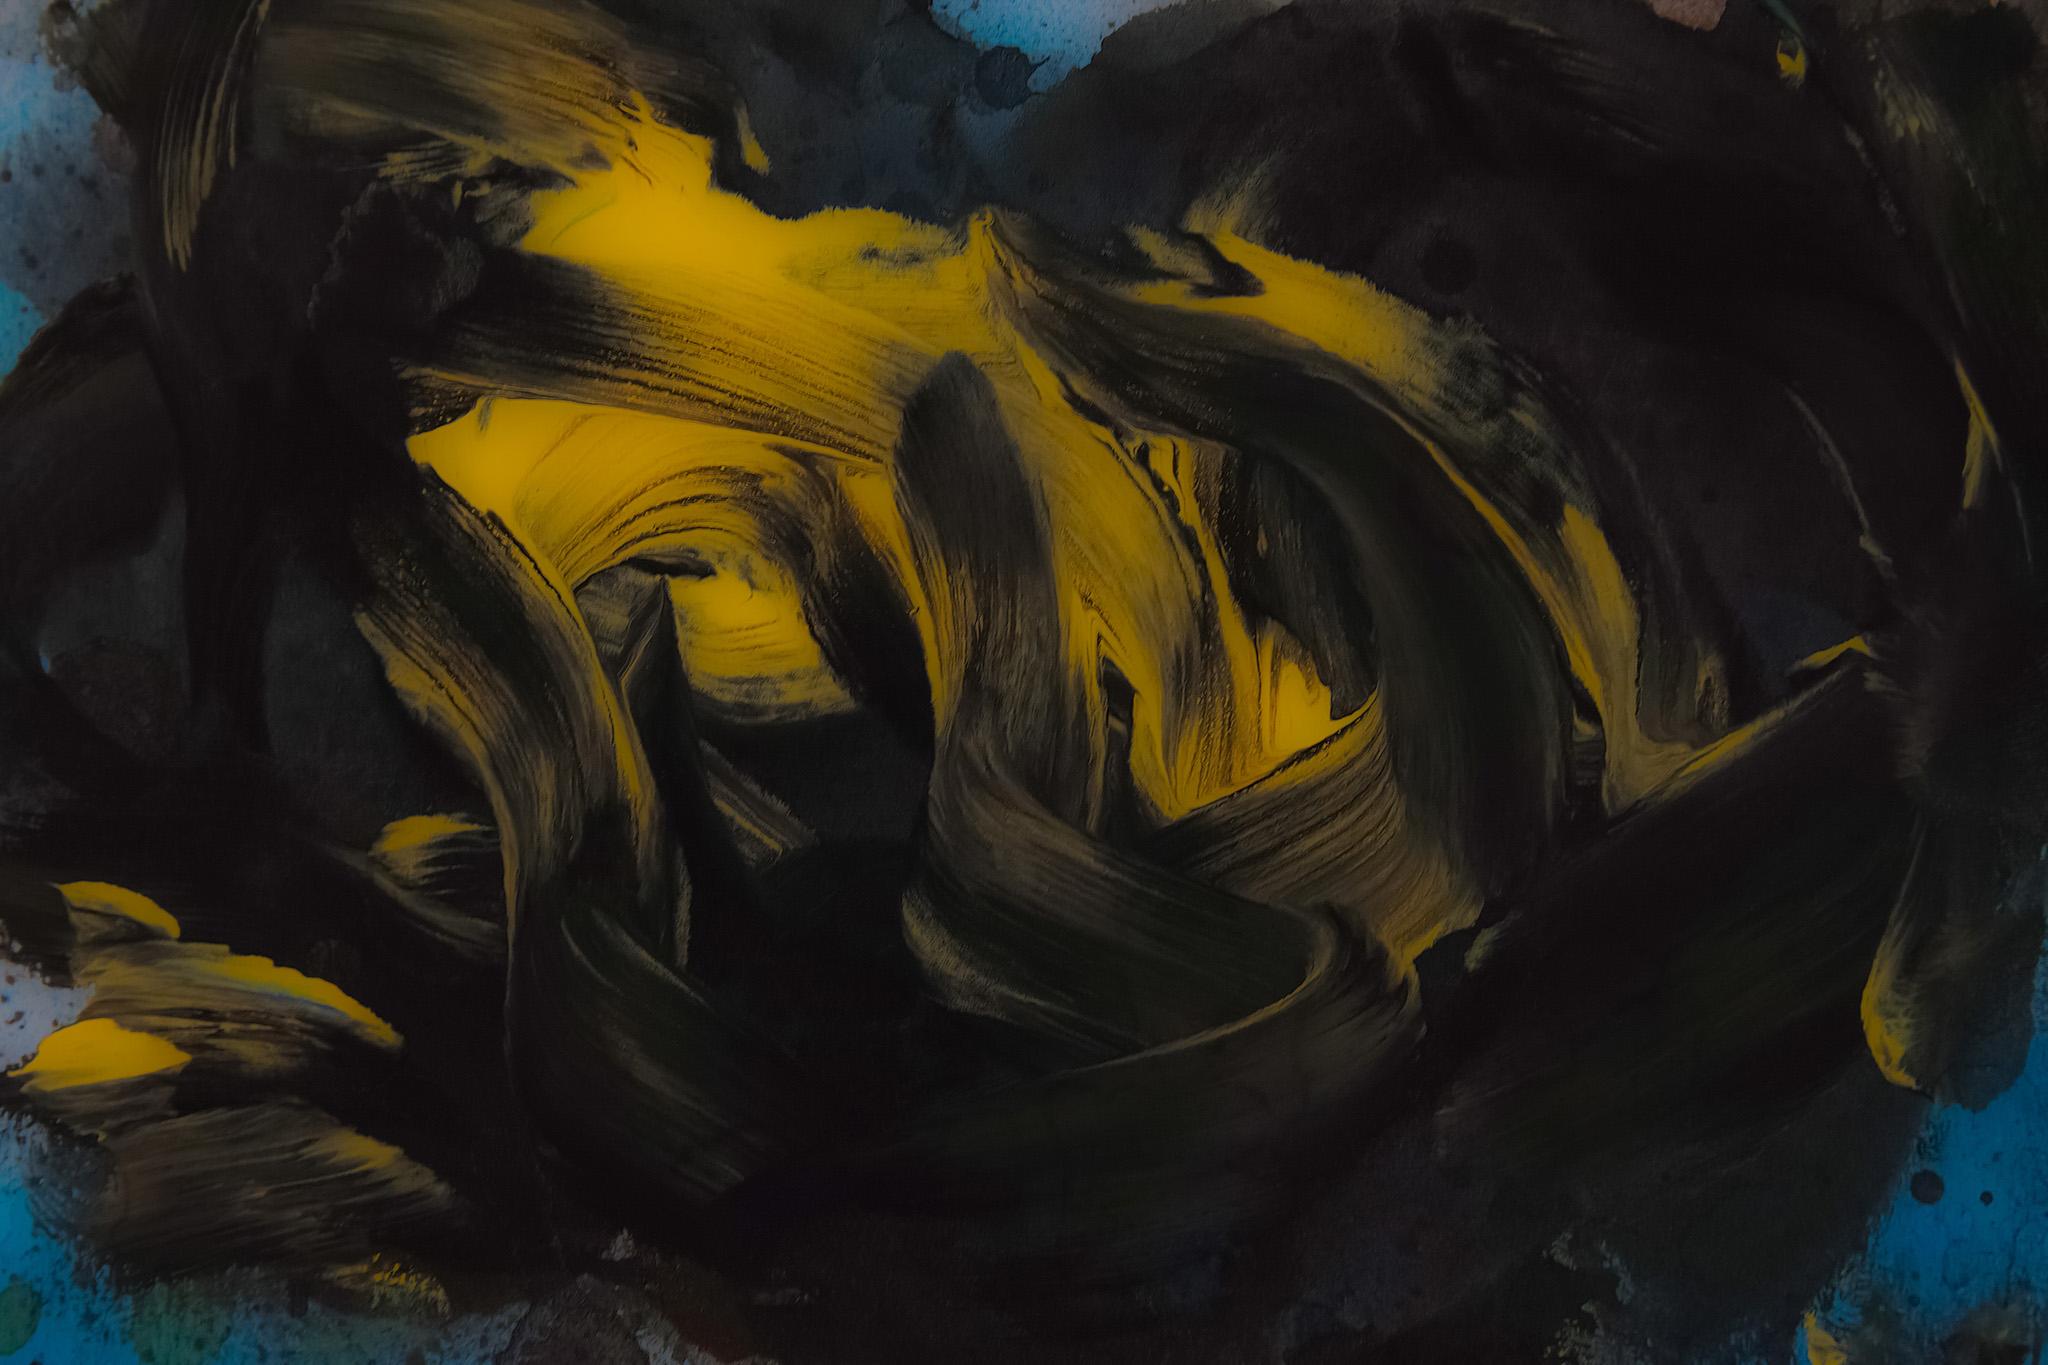 「混ざり合う黒色と黄色の絵具」